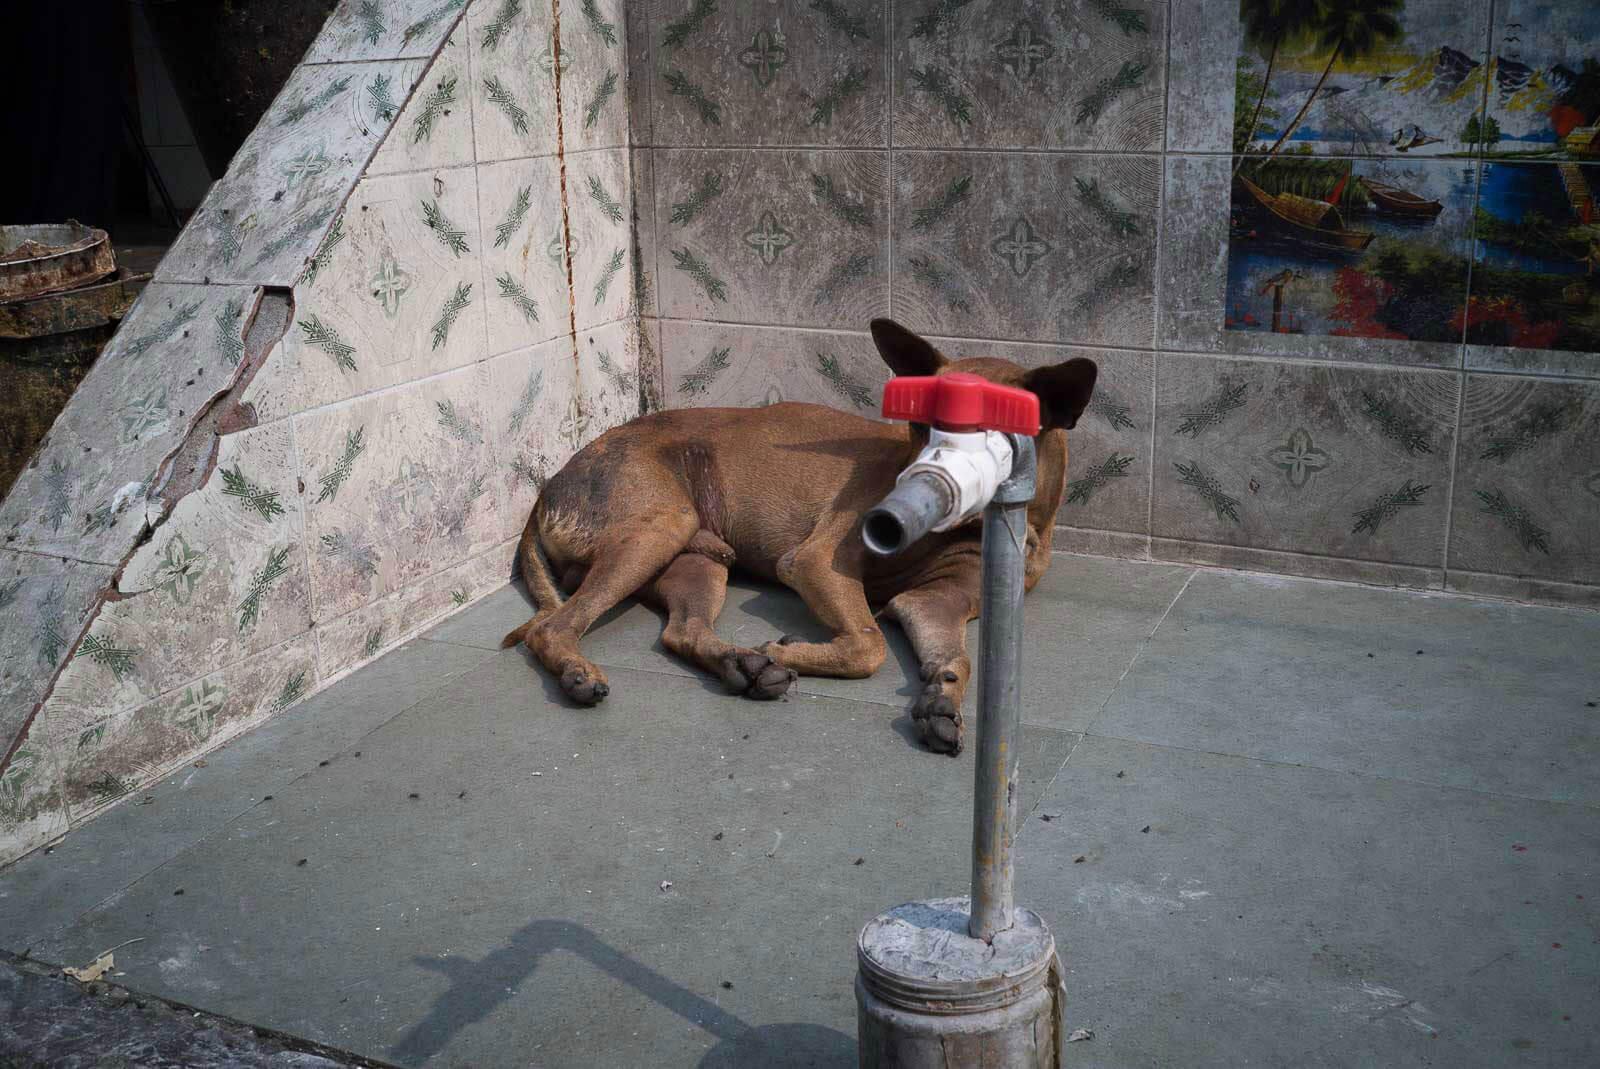 Pau Buscató: Fotografía callejera que transforma la cotidianidad en imaginación